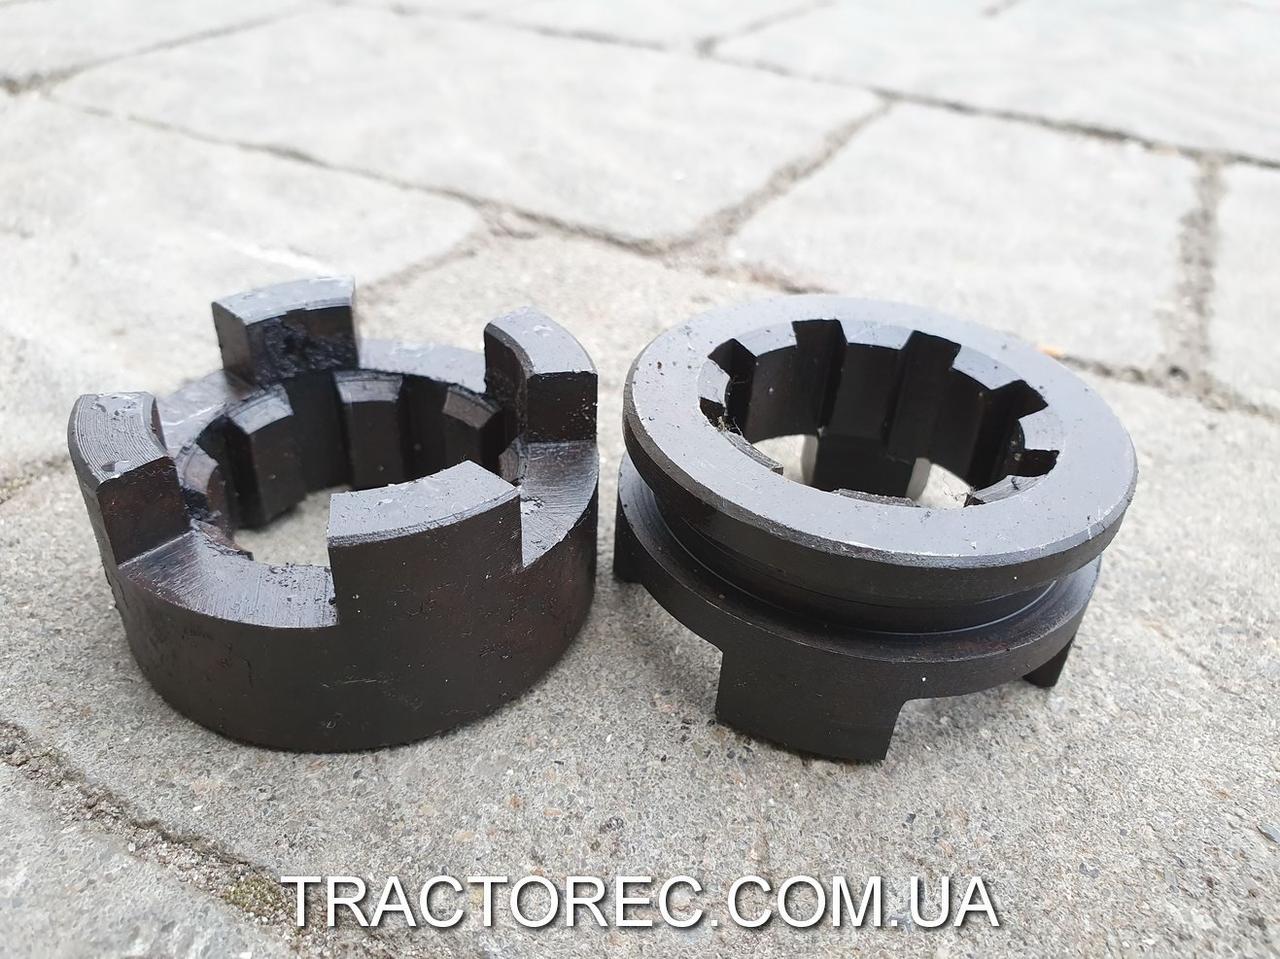 Муфта блокировки колес или осей в сборе для мототрактора, мотоблока, минитрактора Булат, Зубр, Форте, Файтер